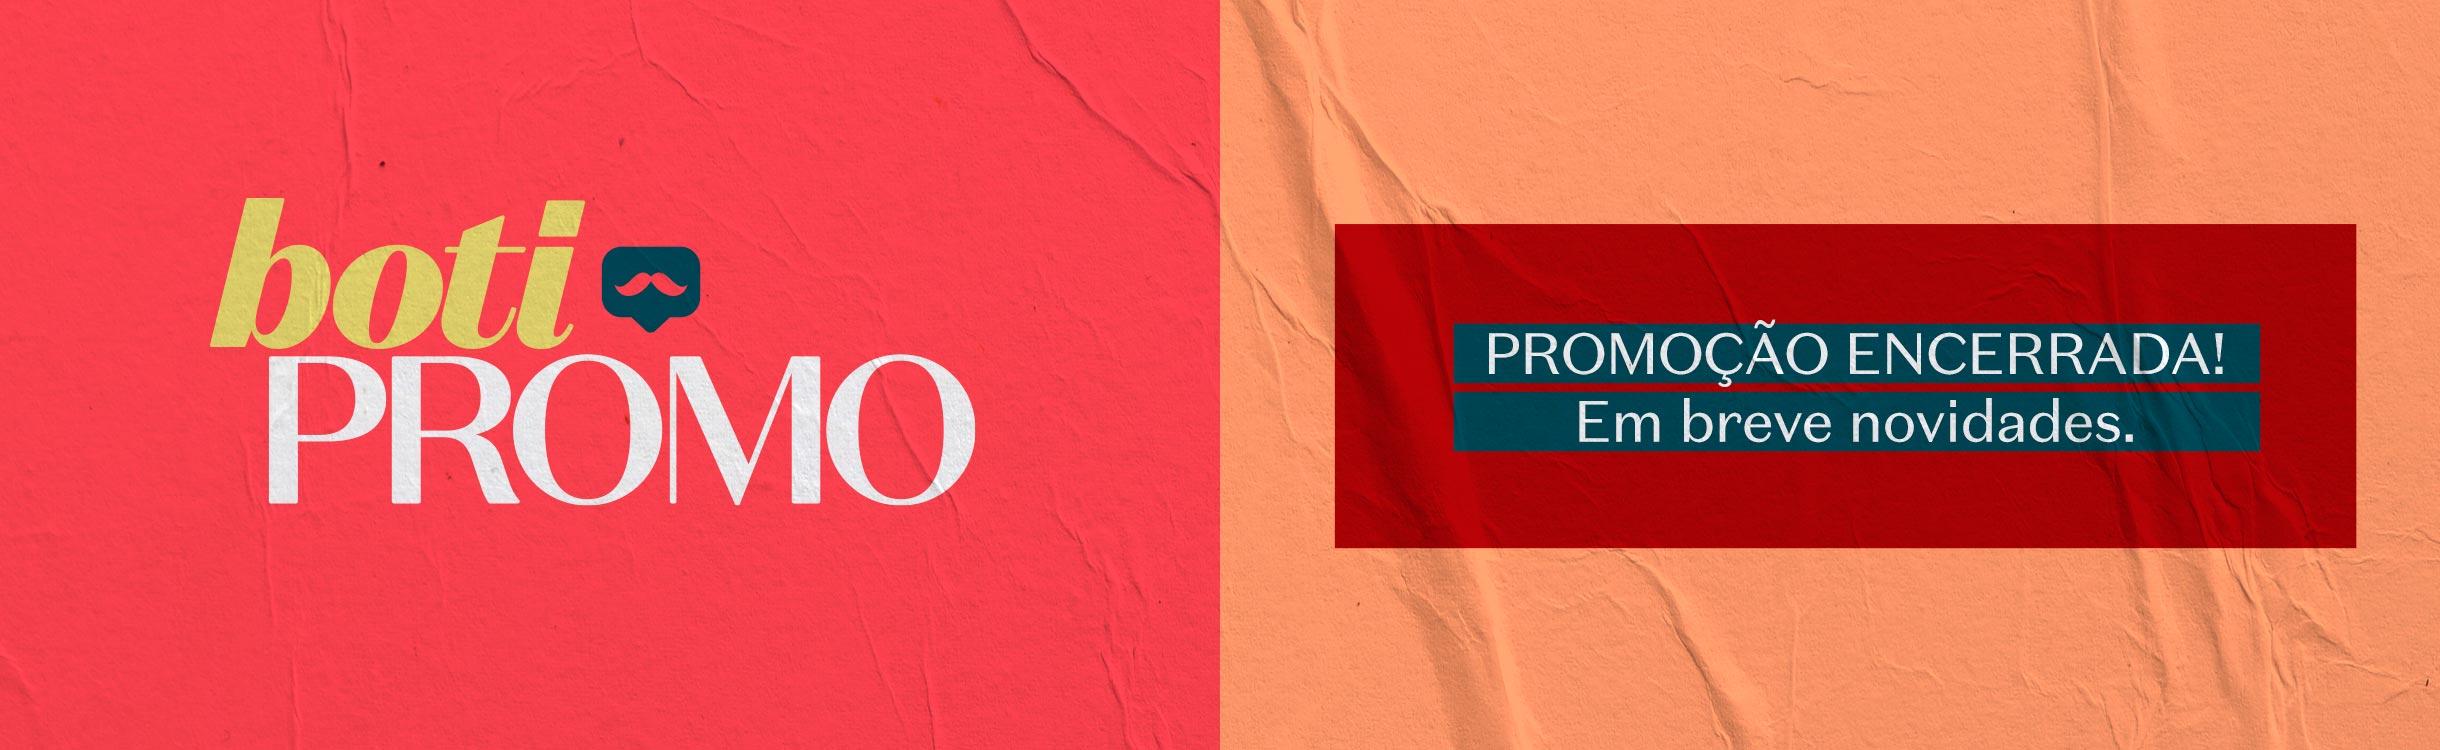 Boti Promo - Kits